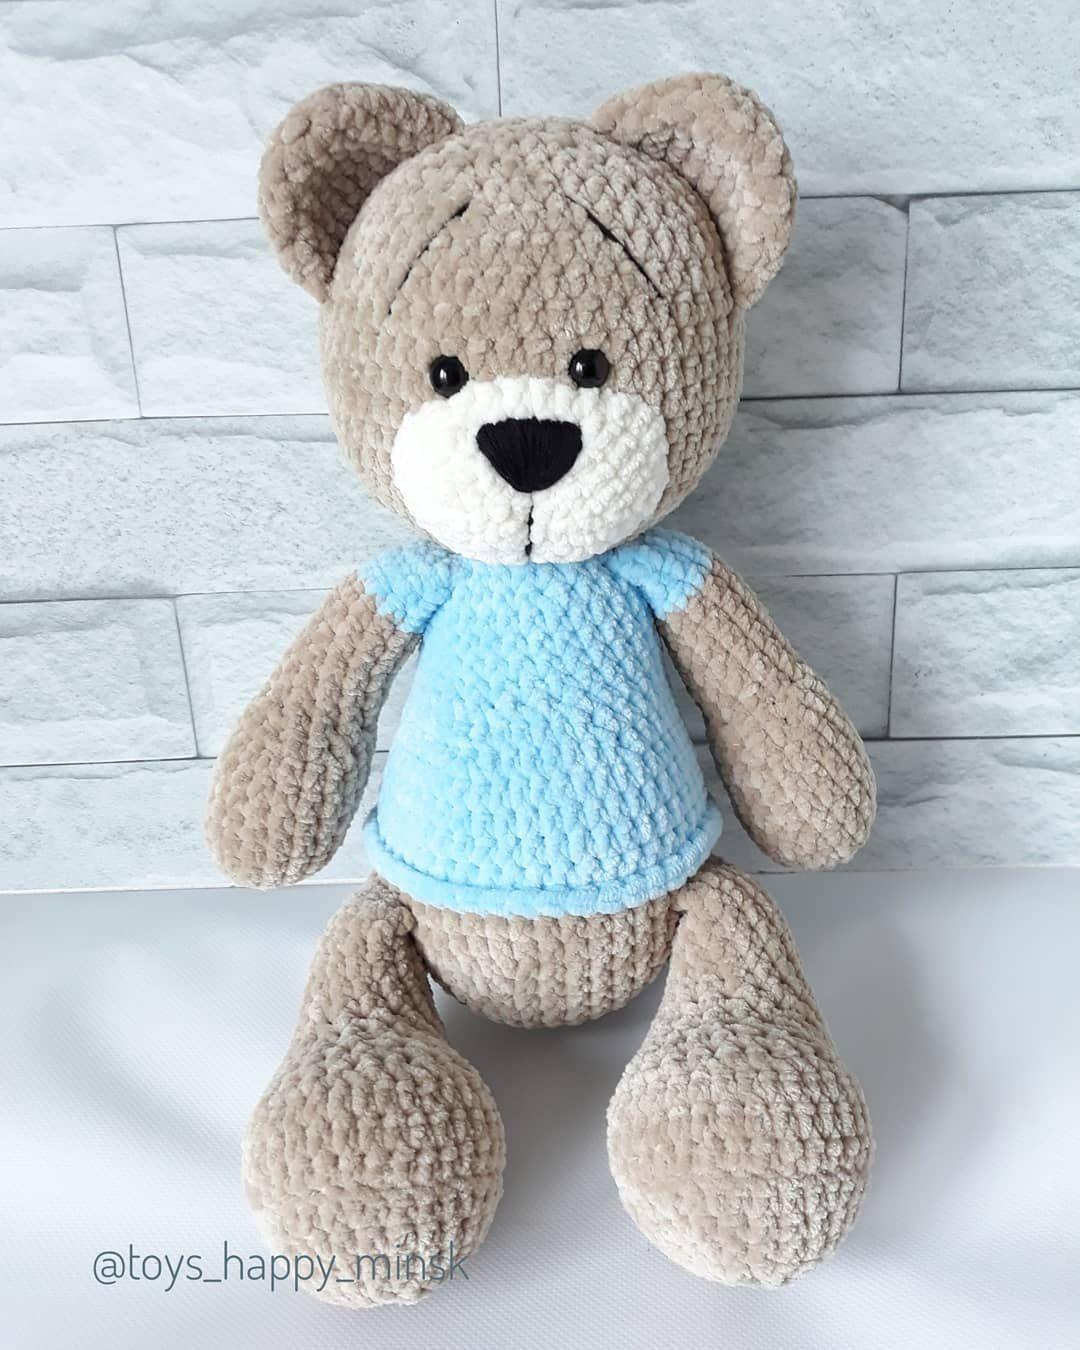 Awesome Crochet Teddy Bear Easy Free Patterns in 2020 | Crochet ... | 1350x1080